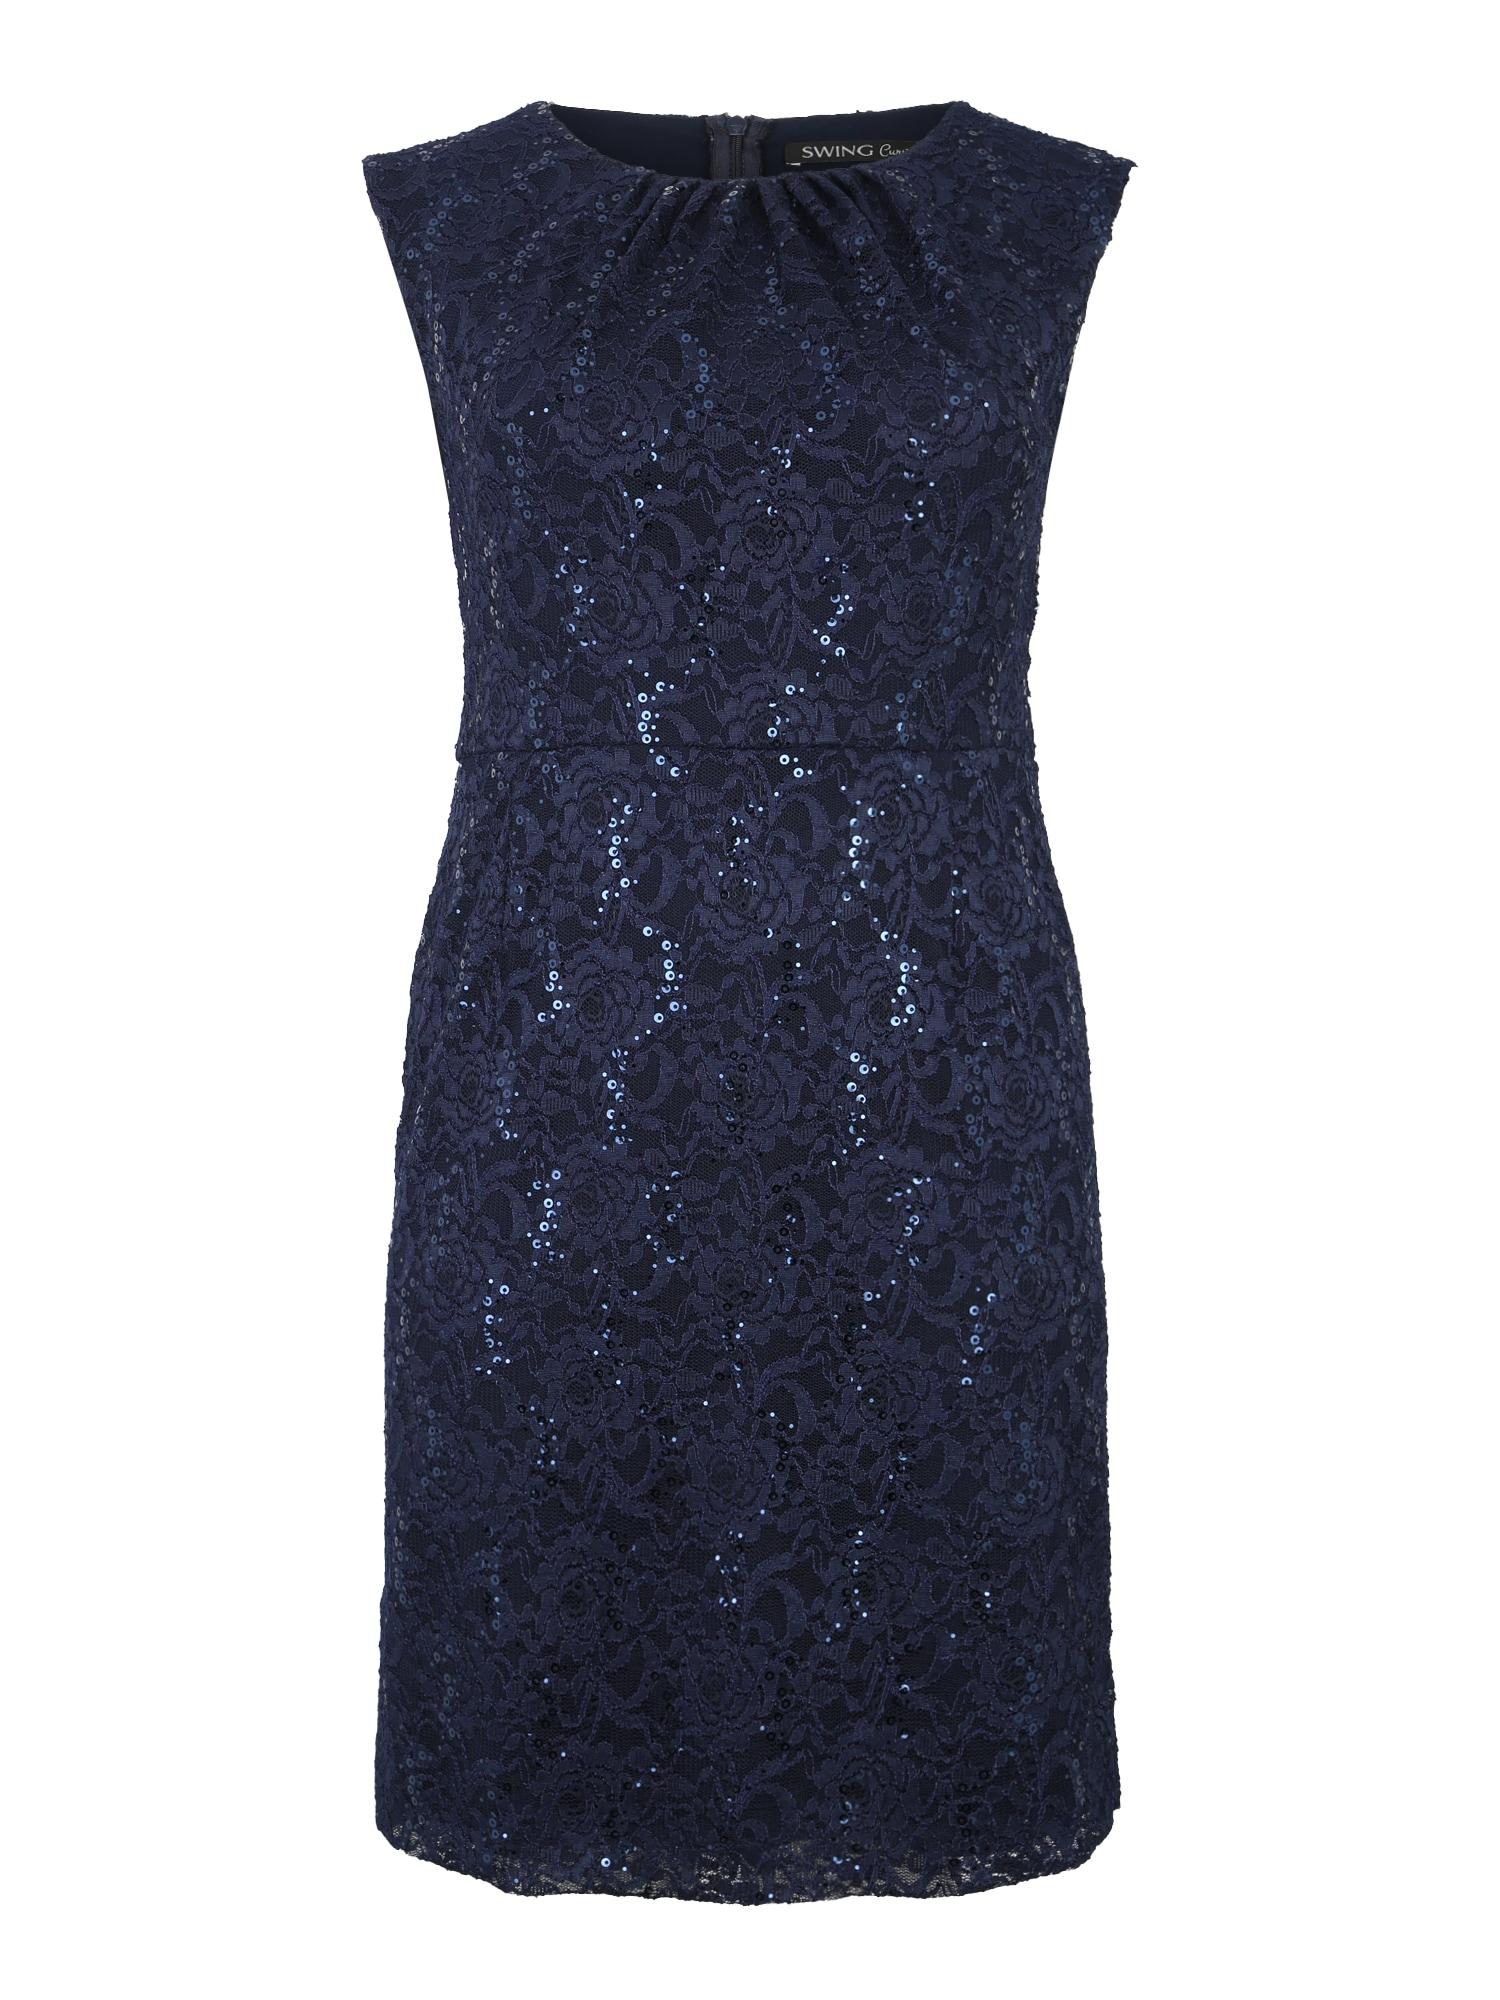 Koktejlové šaty námořnická modř SWING Curve